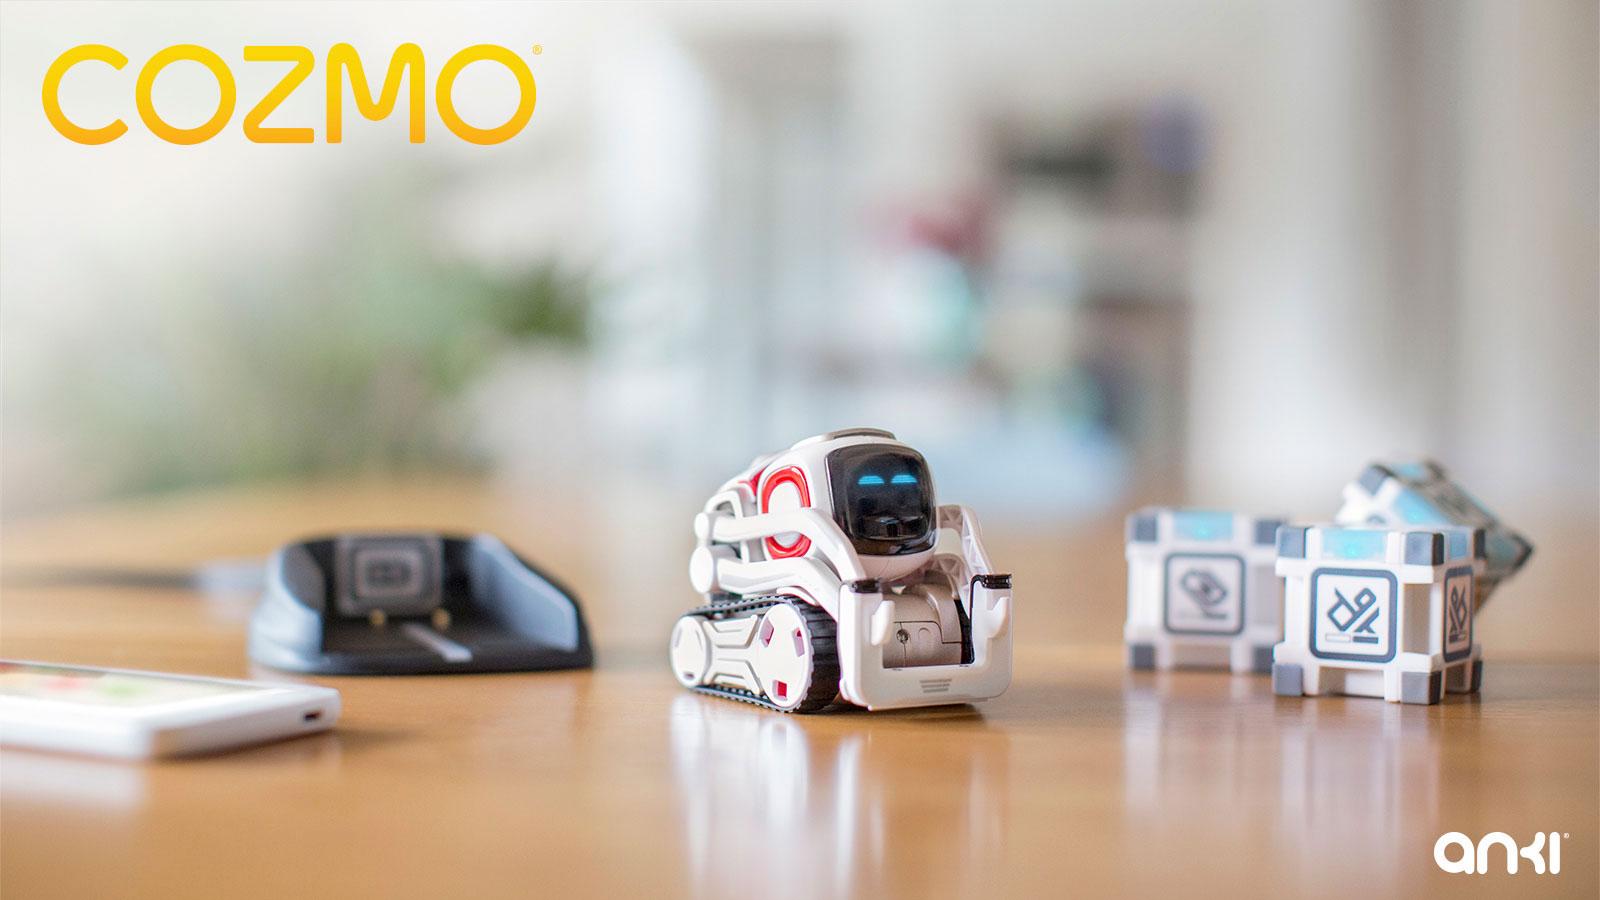 Unglaublich niedlich, aber auch recht beschränkt in seinen Spielmöglichkeiten: Ankis kleiner Roboter Cozmo stapelt leuchtende Boxen und hält seinen Besitzer mit einigen simplen Games bei Laune.